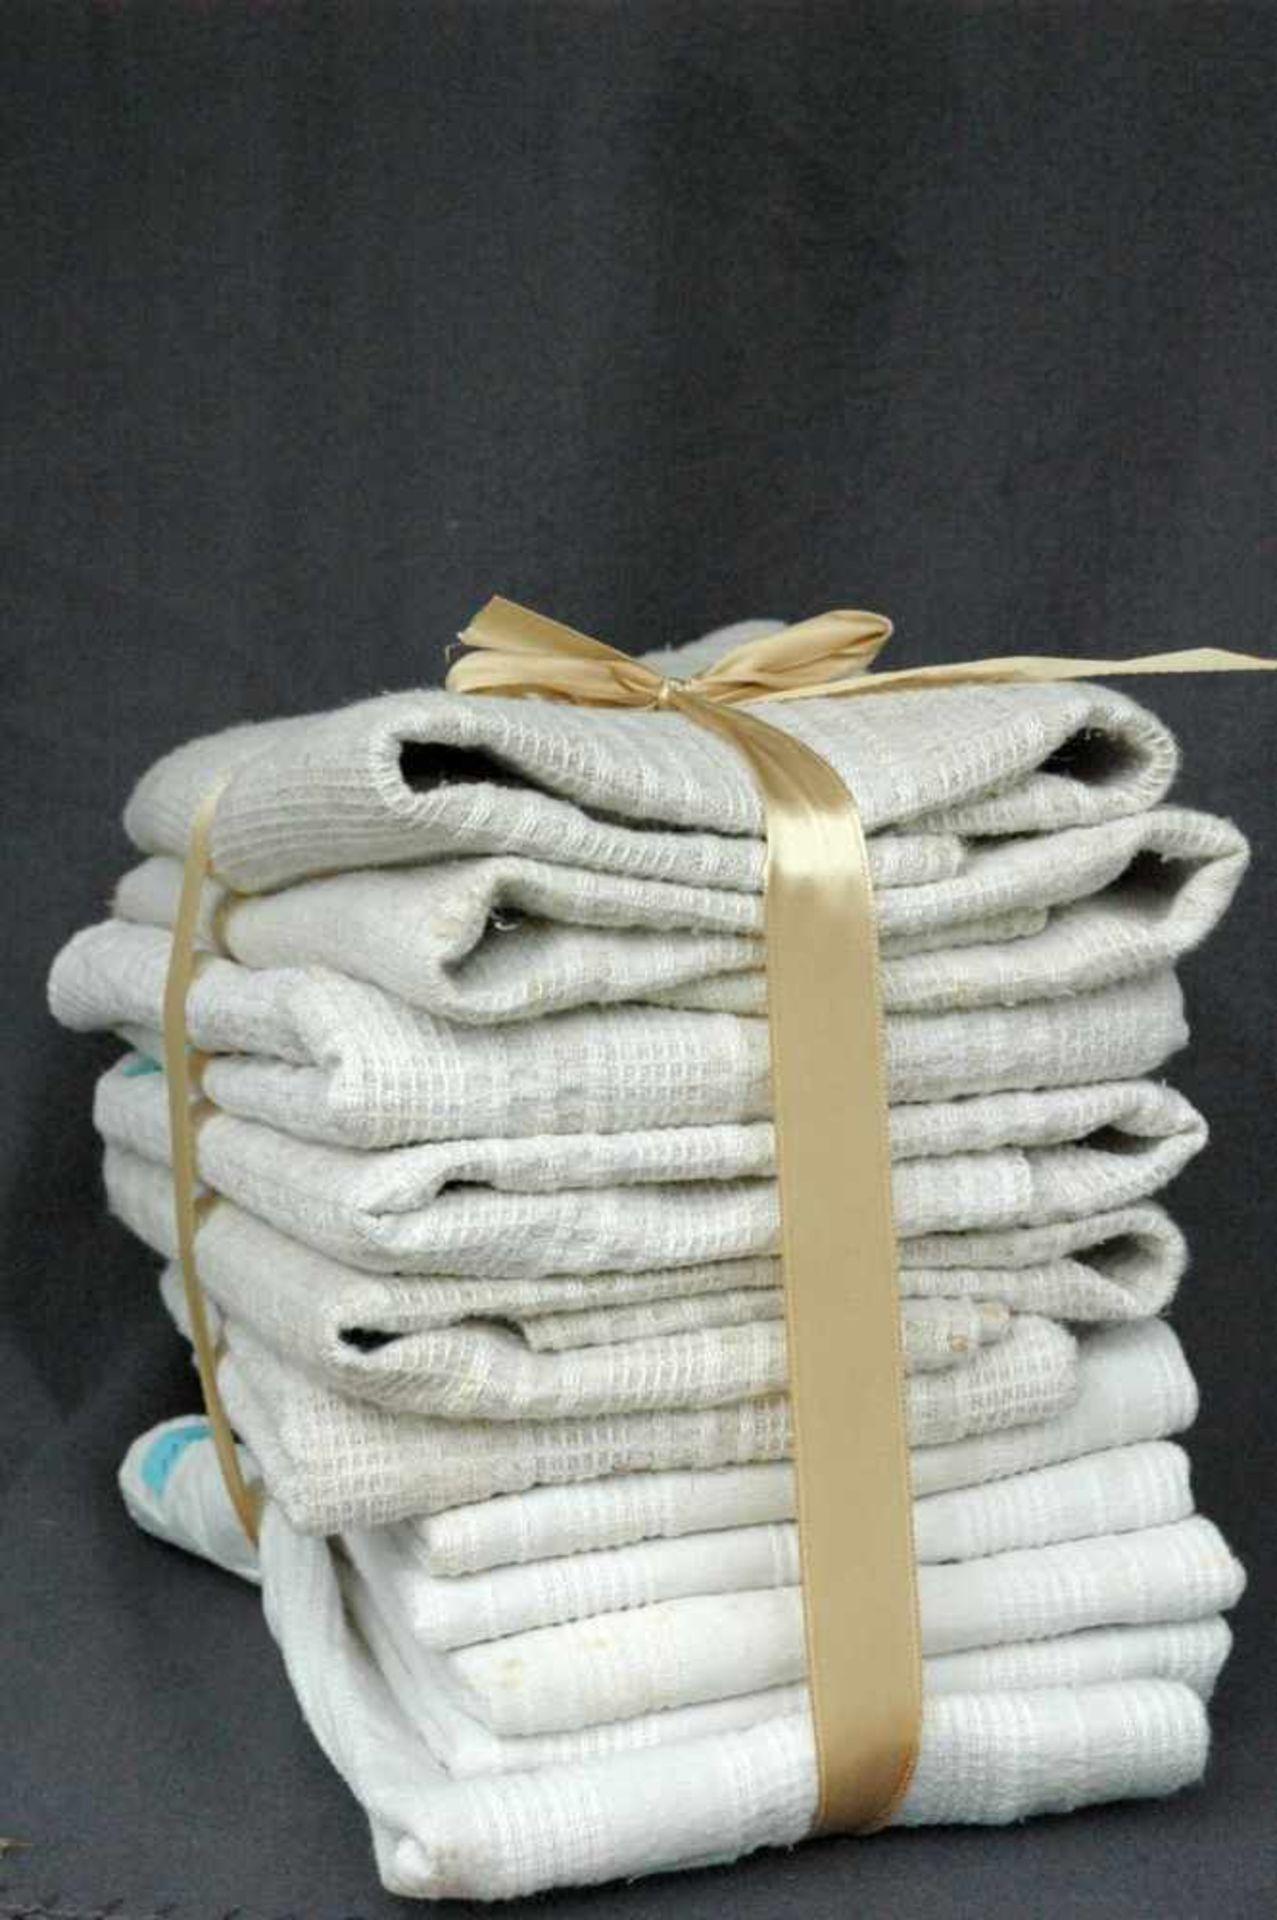 11 Leinen-Handtücher: 6 grobe, rotes Monogramm EO5 feine, Streifen, rotes Monogramm EO